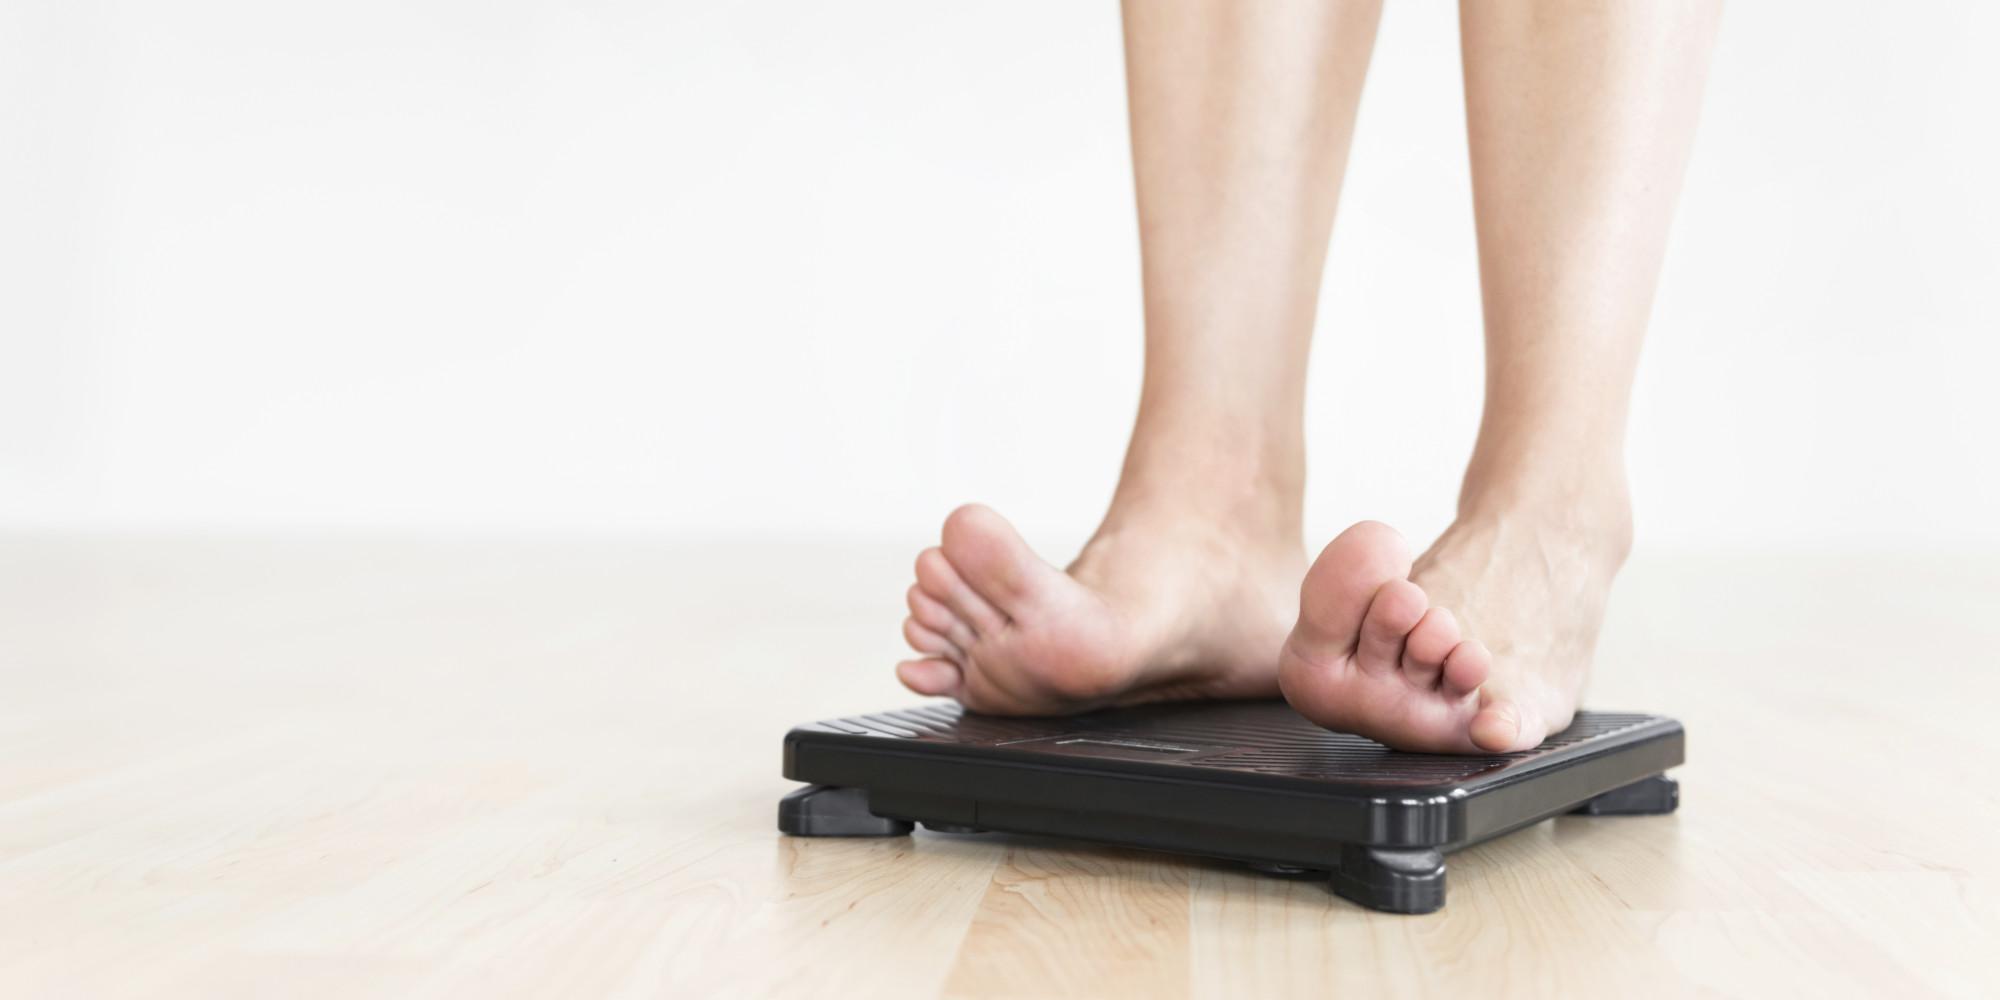 Αποτέλεσμα εικόνας για scale obesity